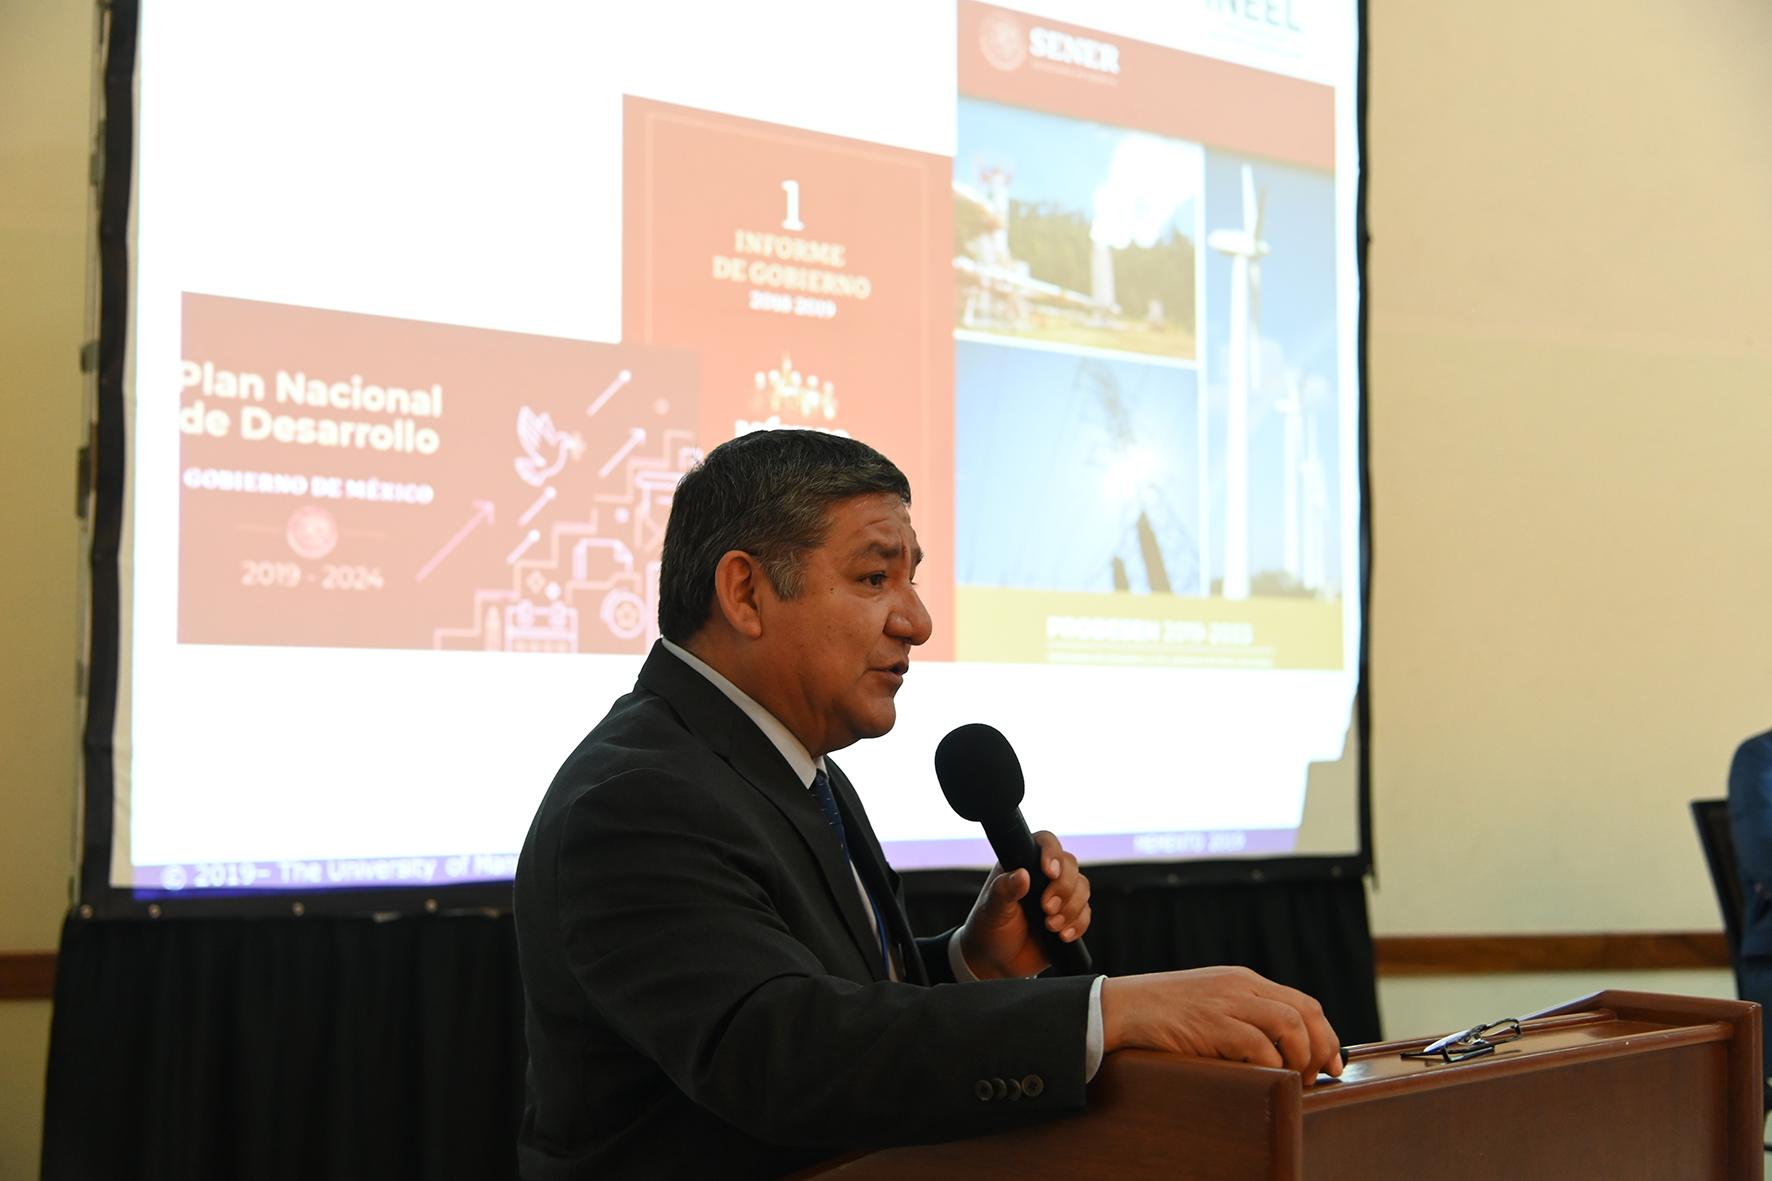 Por parte de nuestro Centro de Posgrado doctor García Colón.